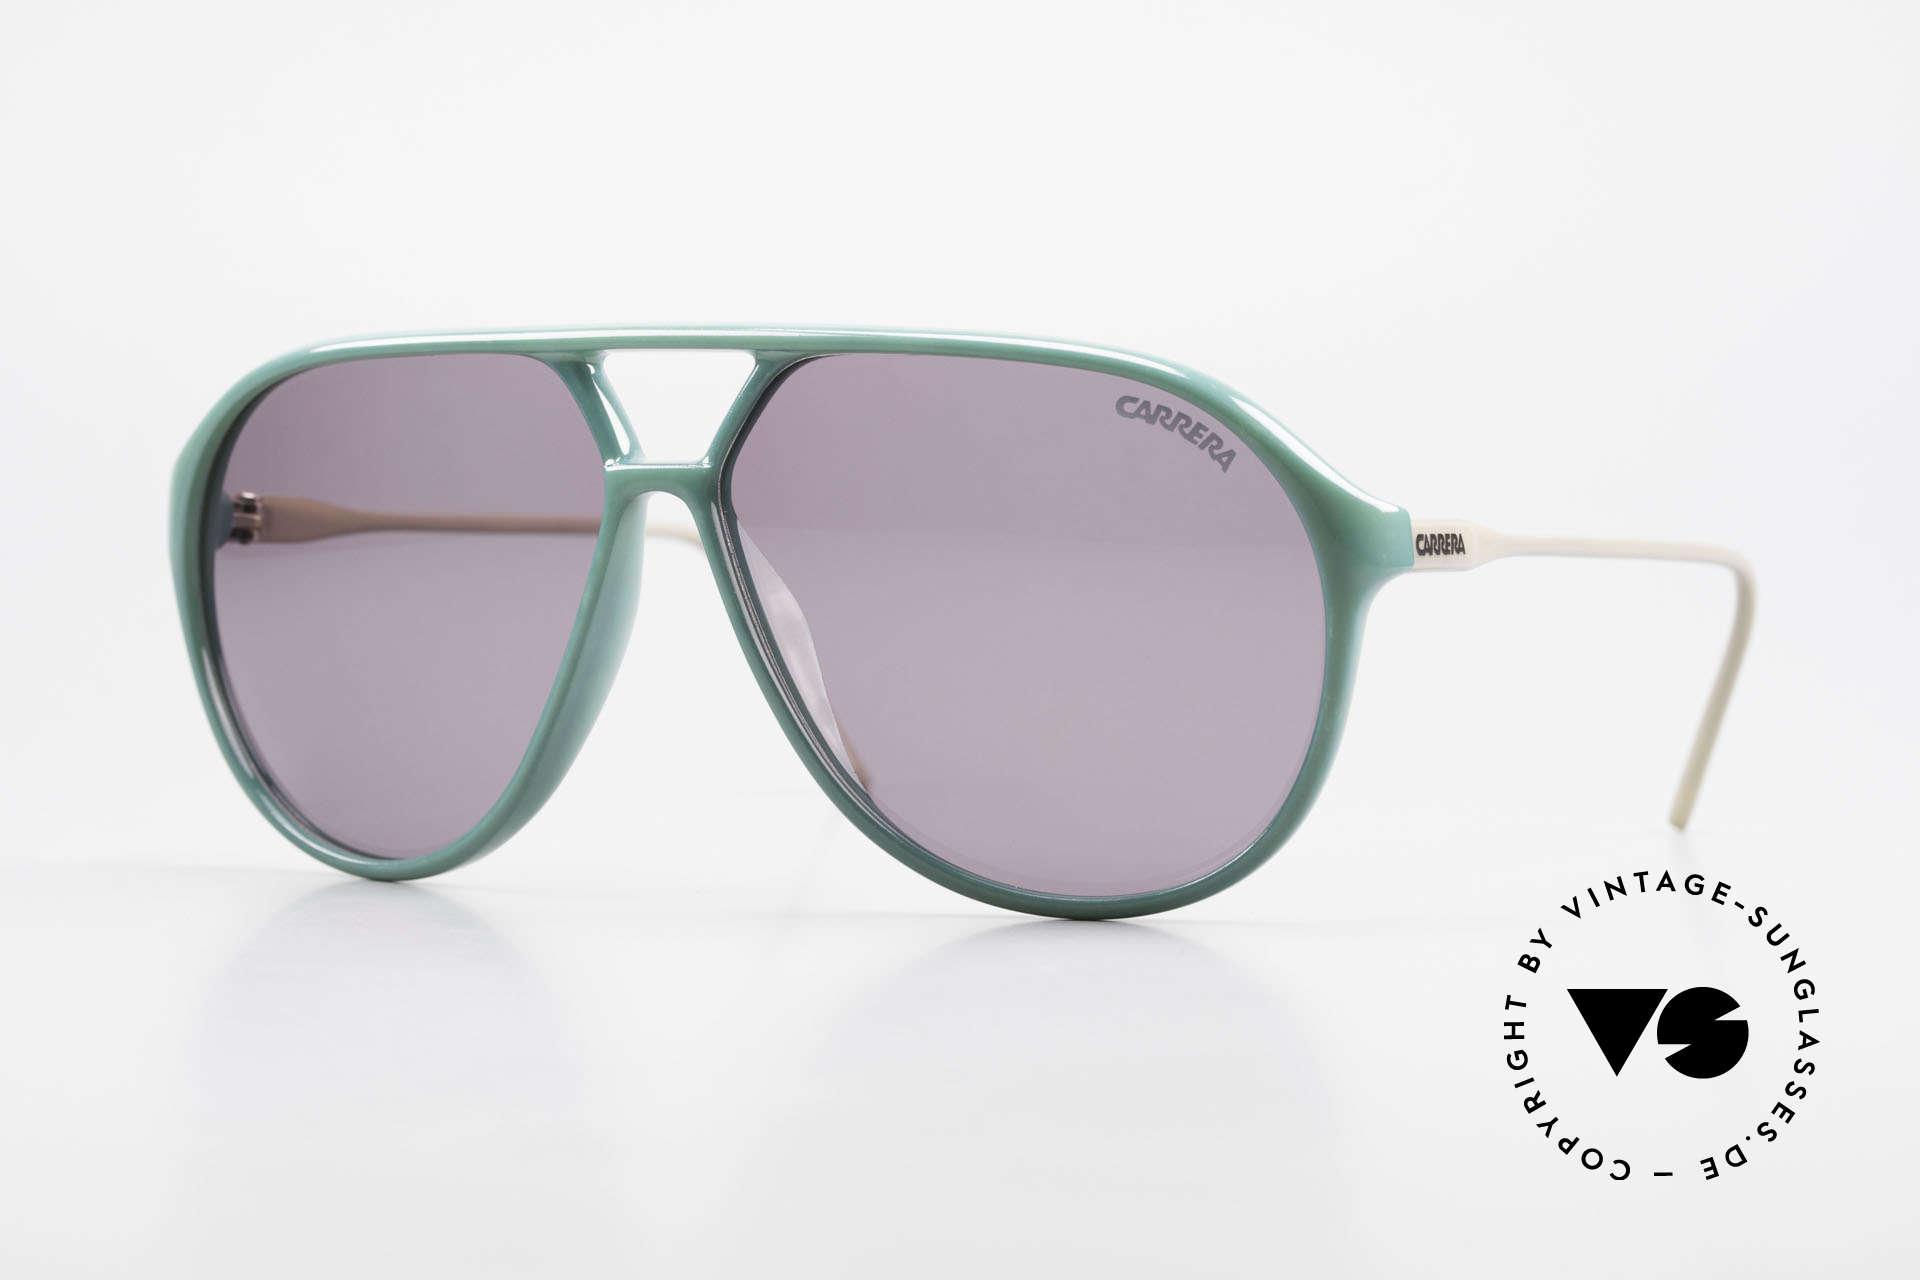 Carrera 5425 80er 90er Sport Lifestyle Brille, vintage Sonnenbrille der Carrera Kollektion 1989/1990, Passend für Herren